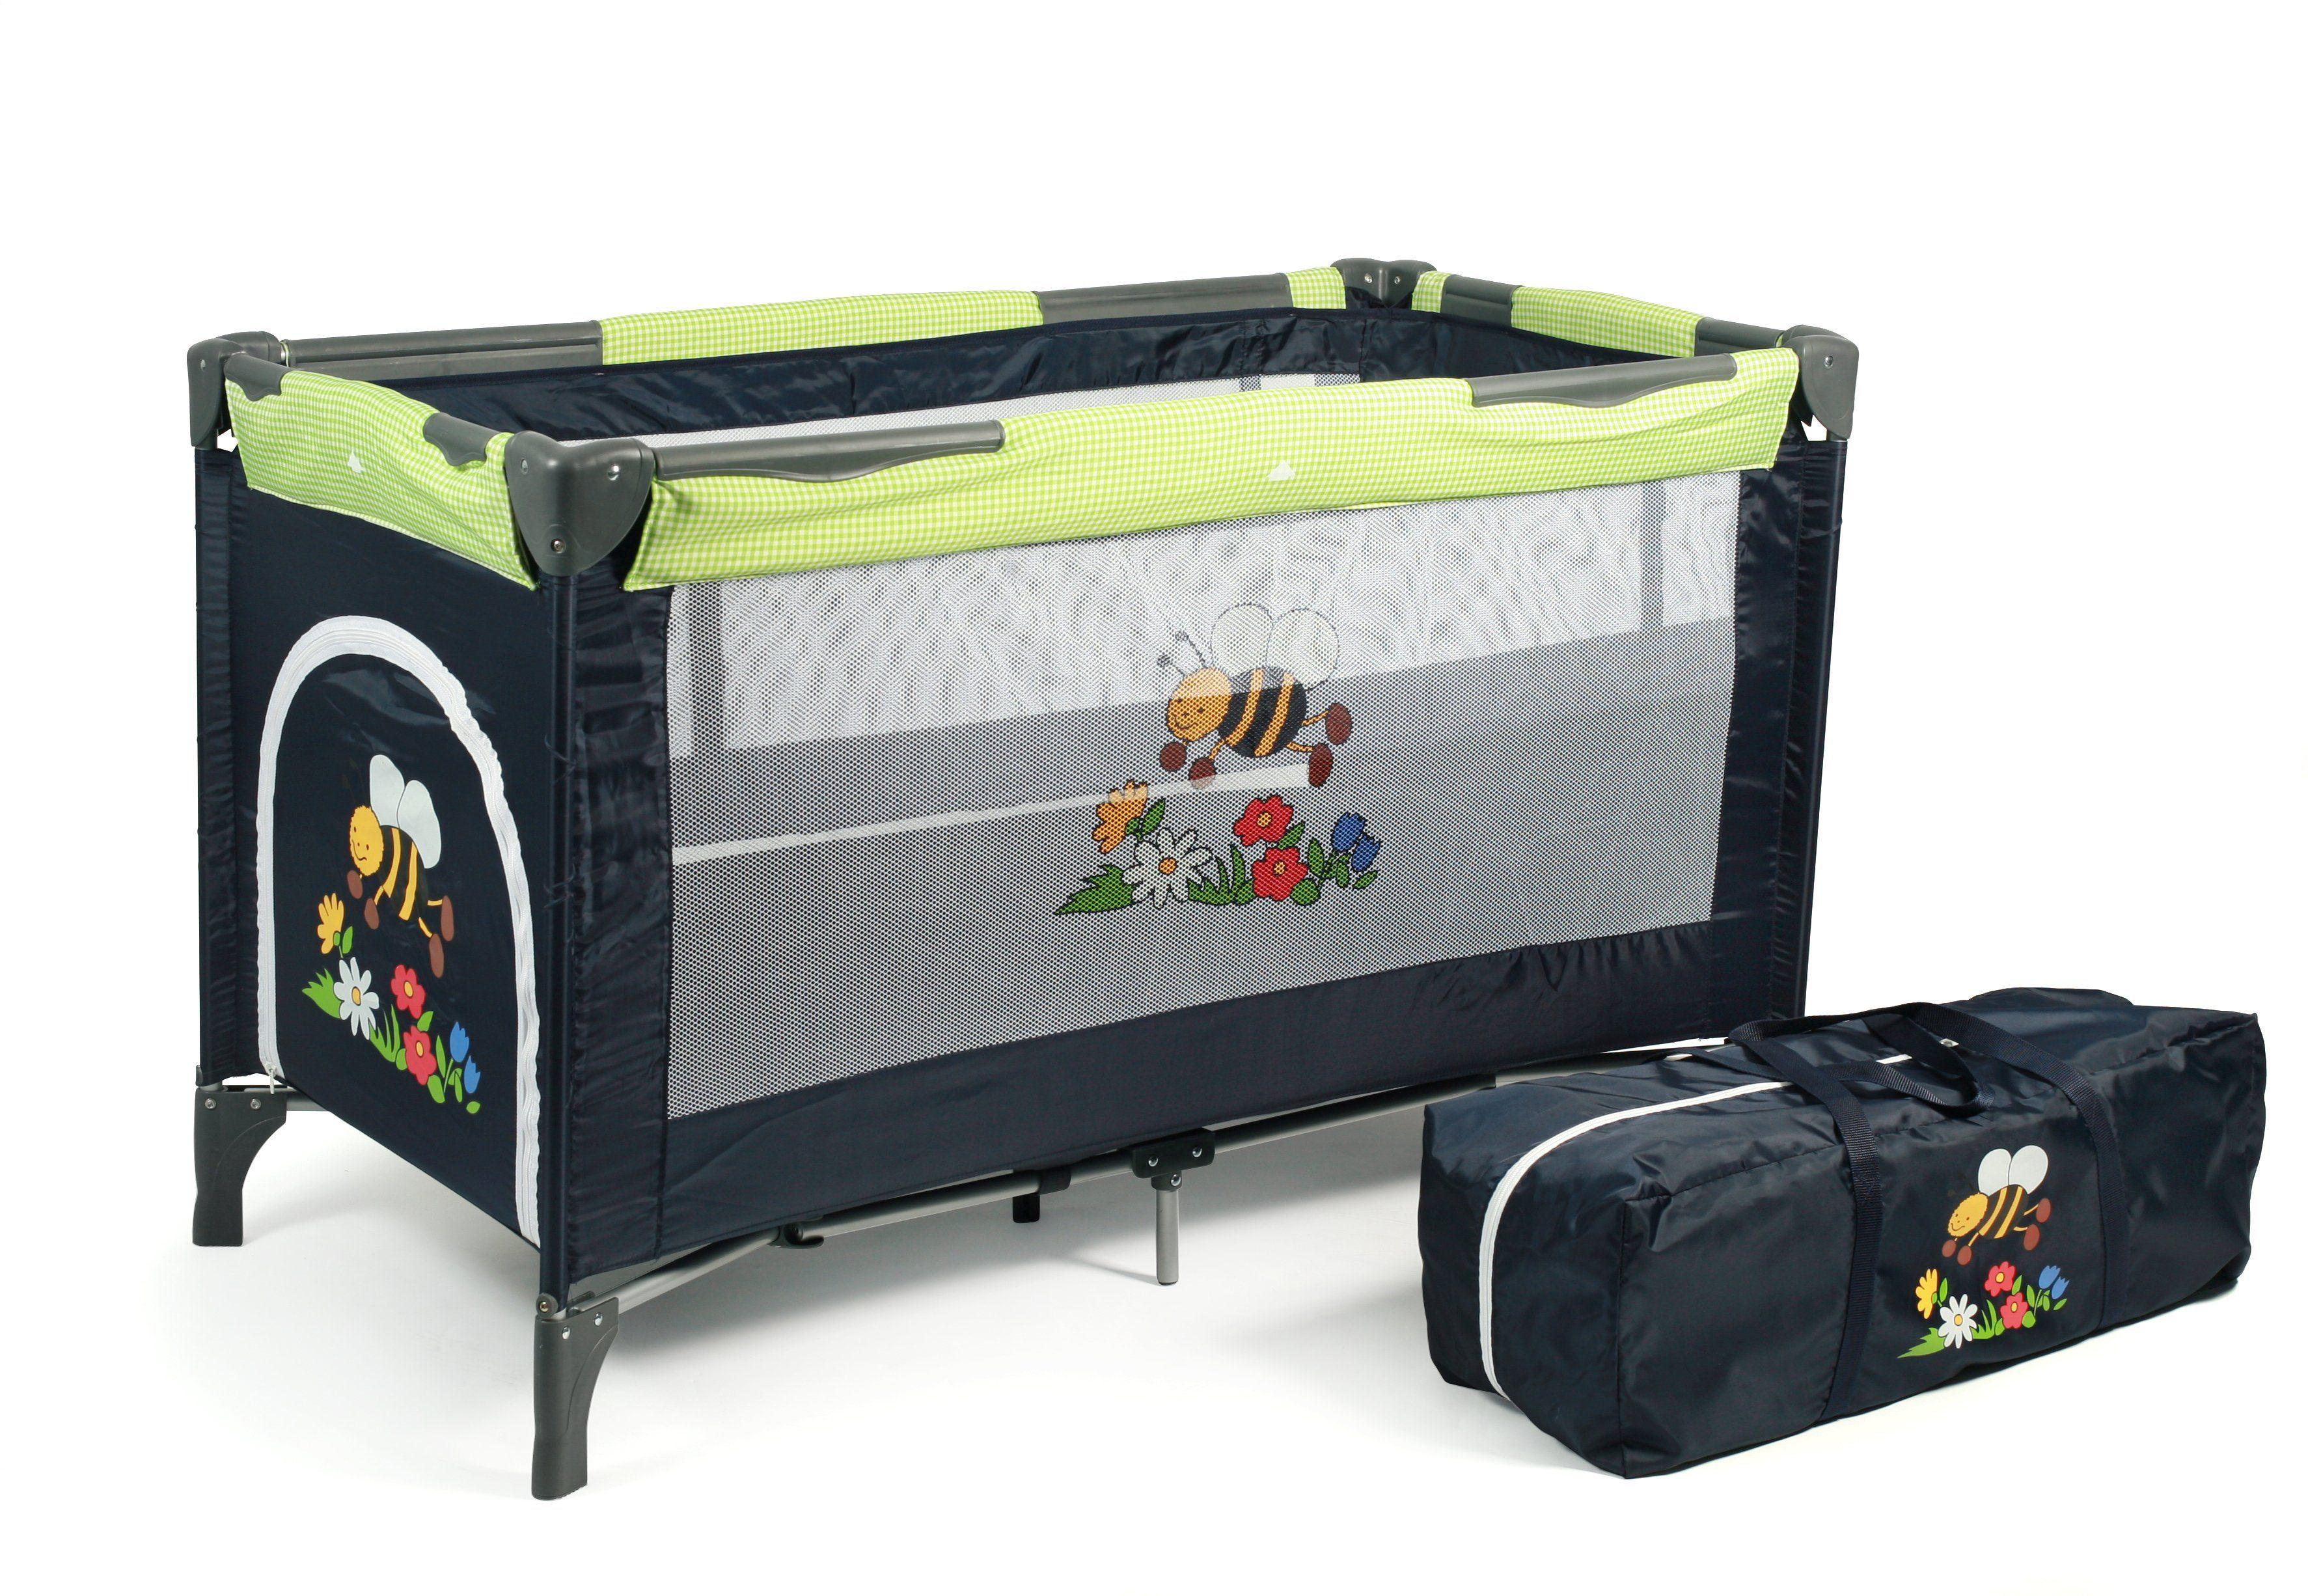 CHIC4BABY Reisebett mit Transporttasche, »Luxus bumblebee«